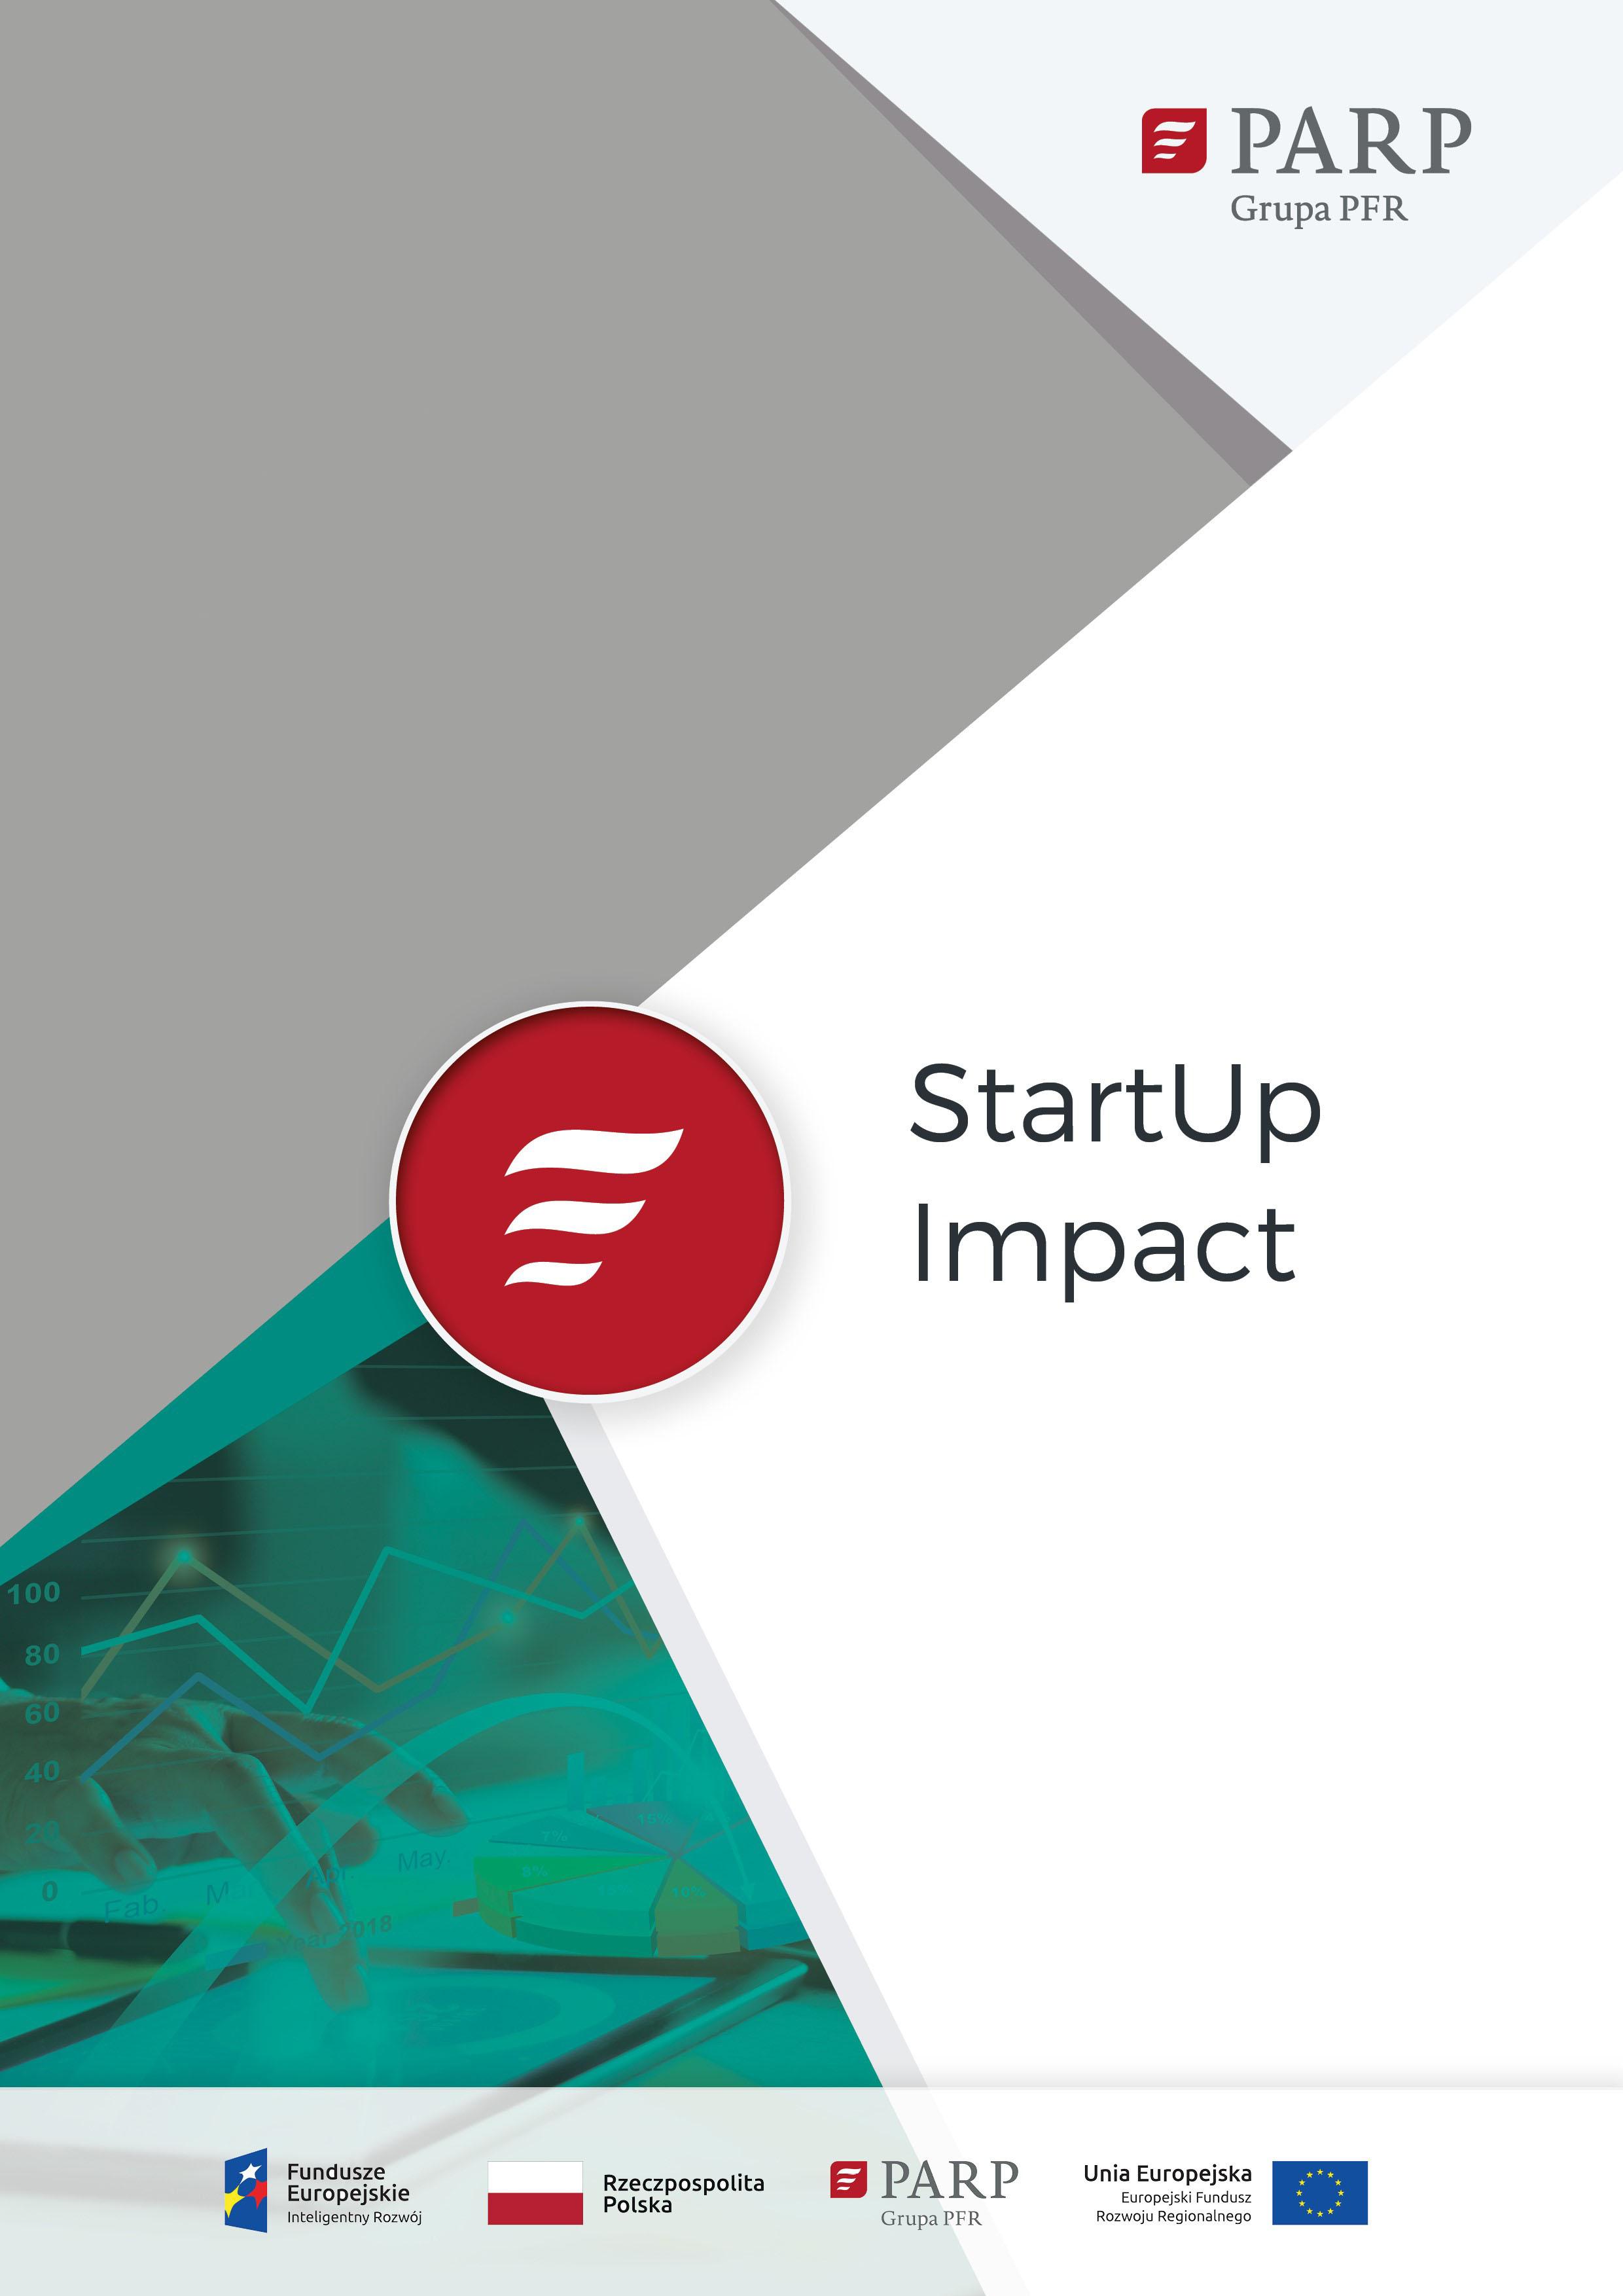 StartUp Impact